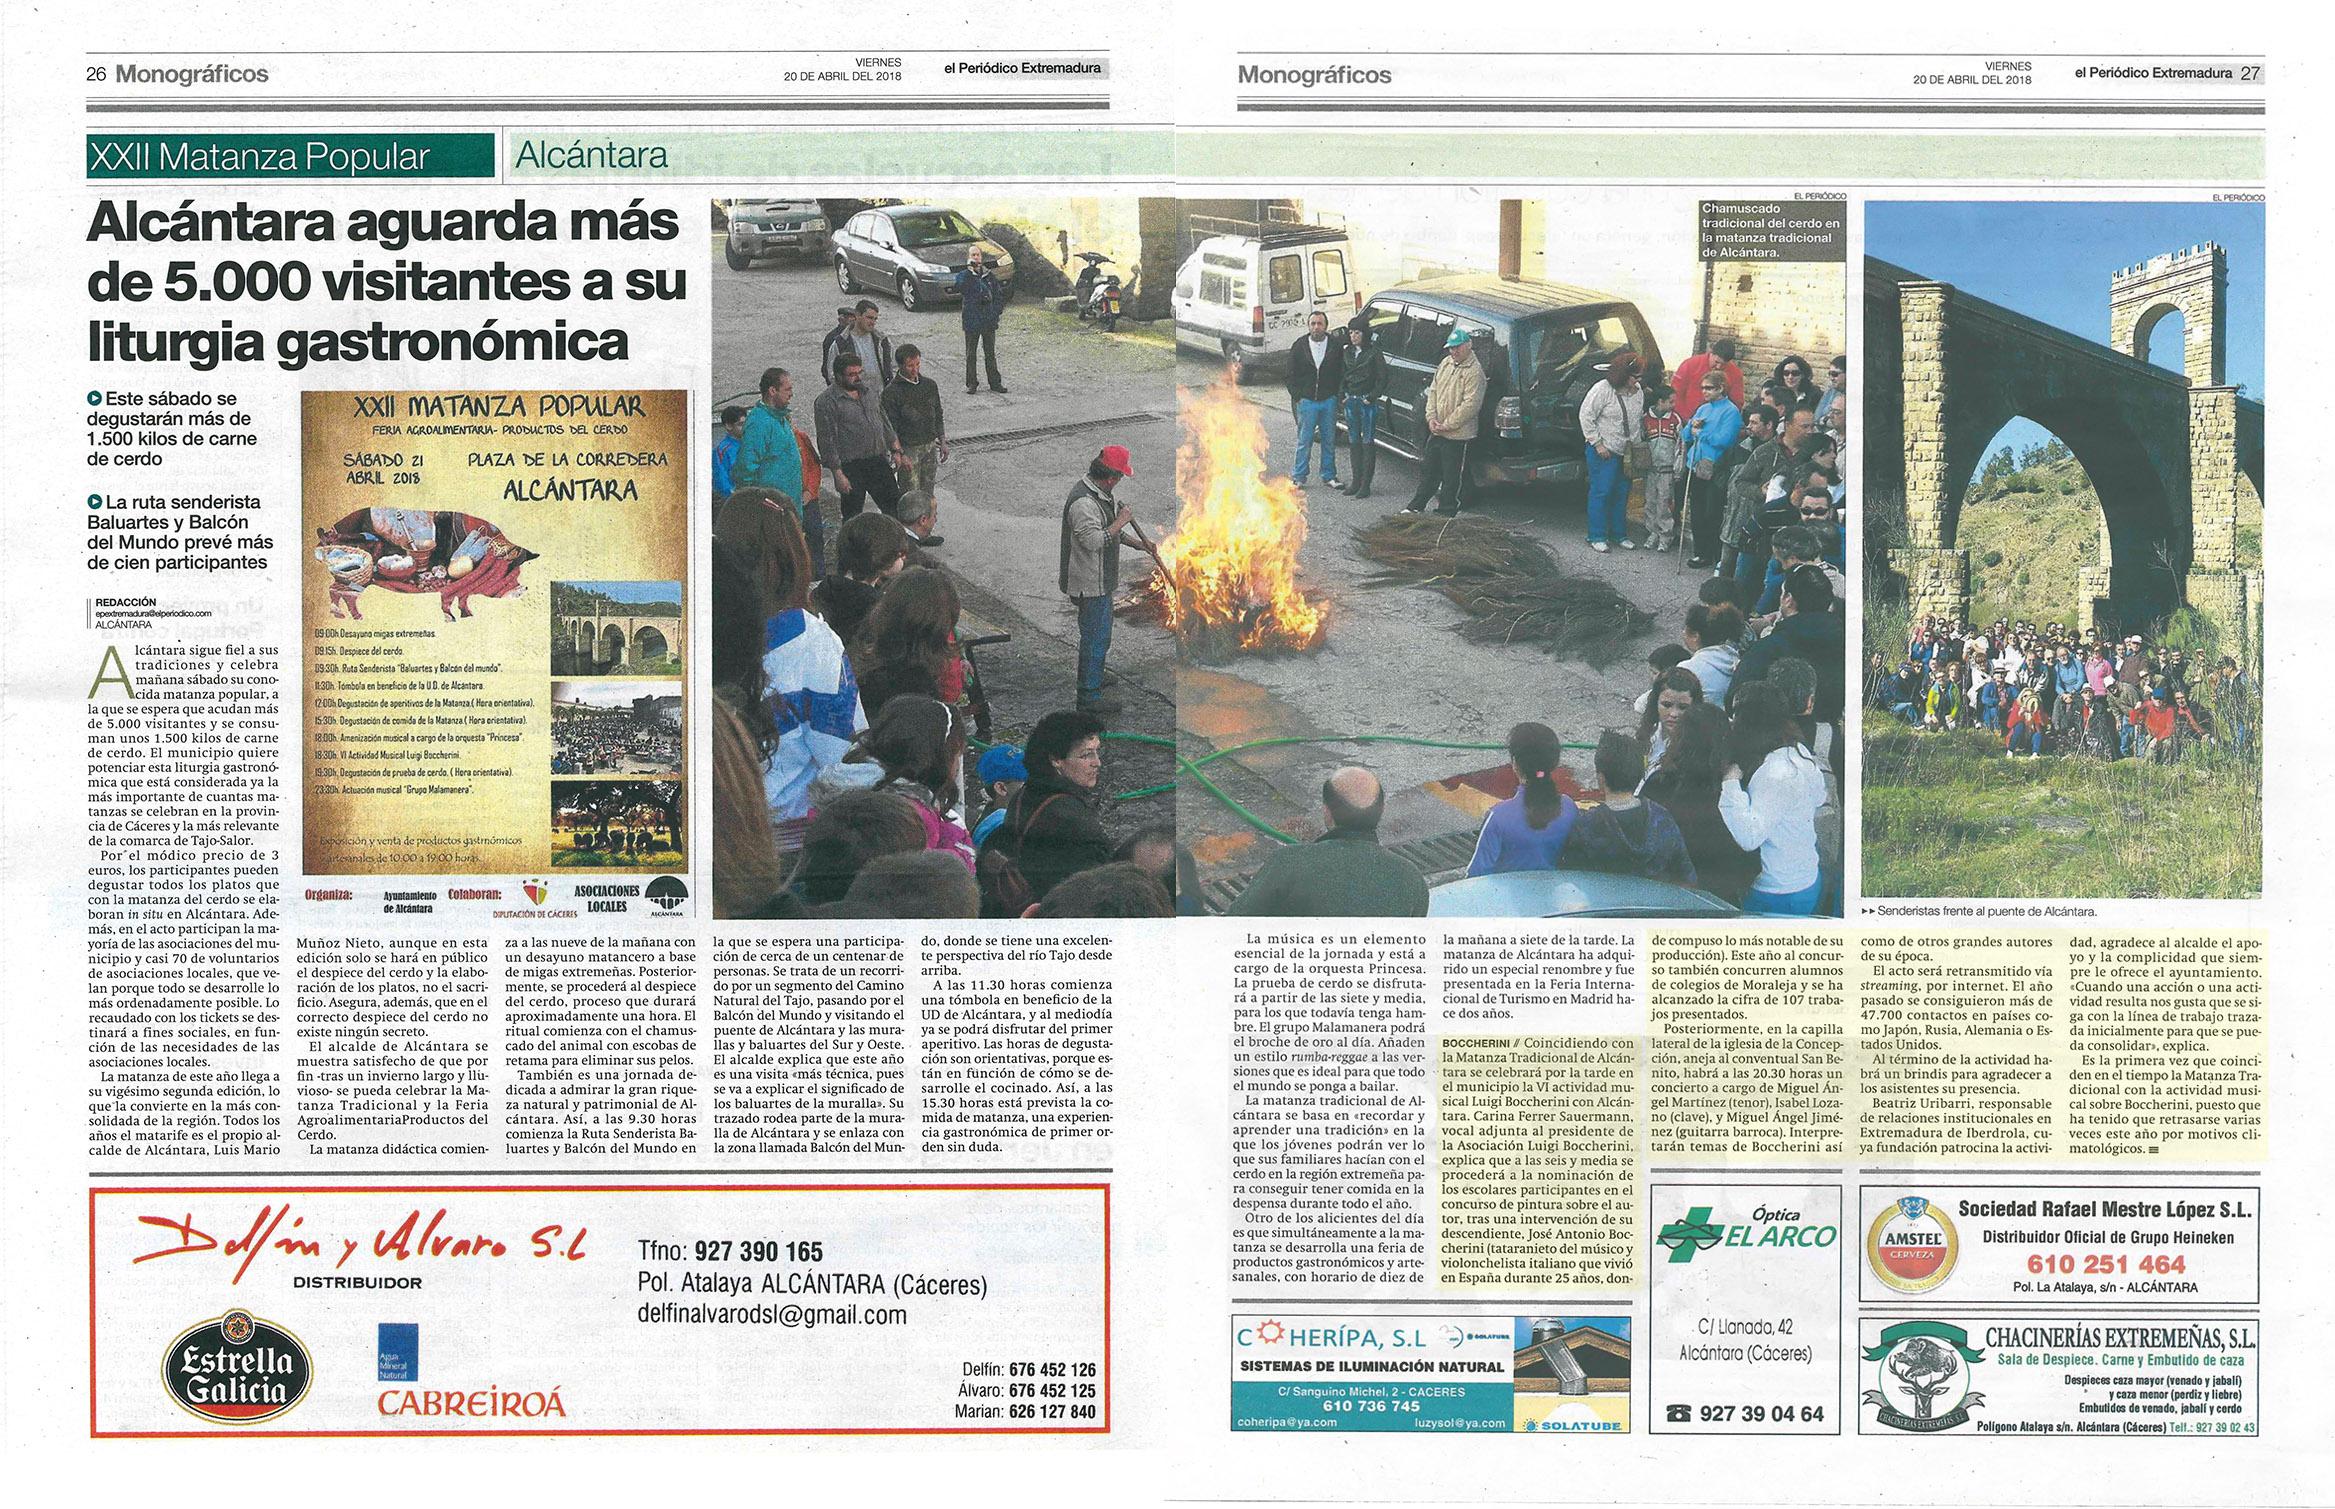 Noticia Periodico Extremadura - Festivales Boccherini